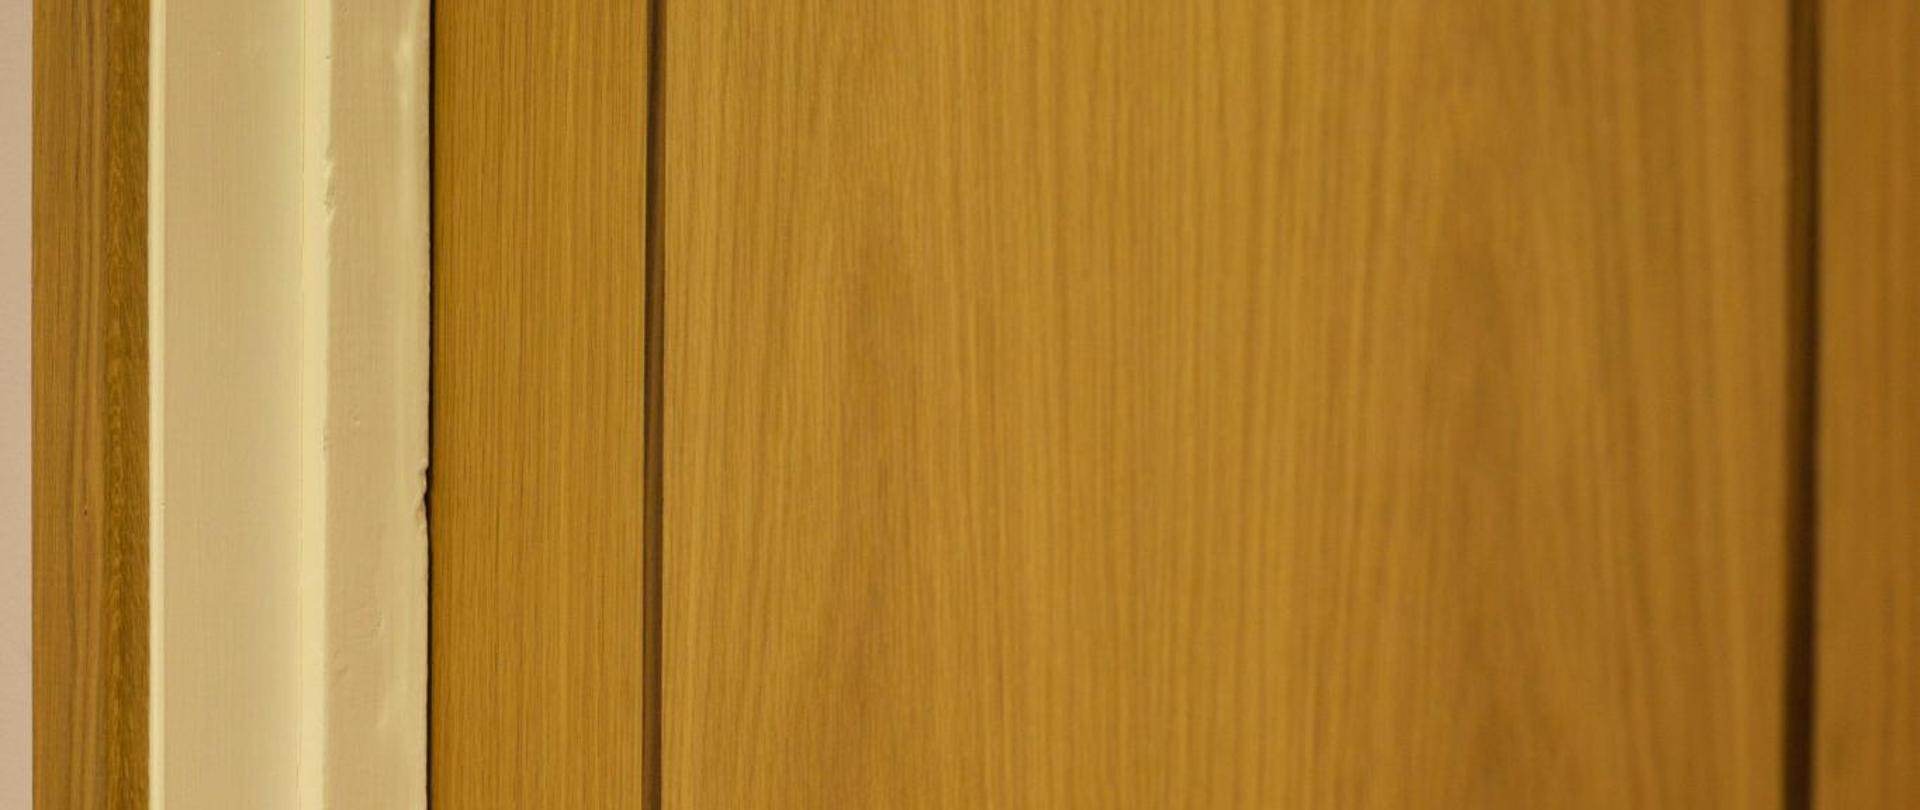 Room exterior.jpg